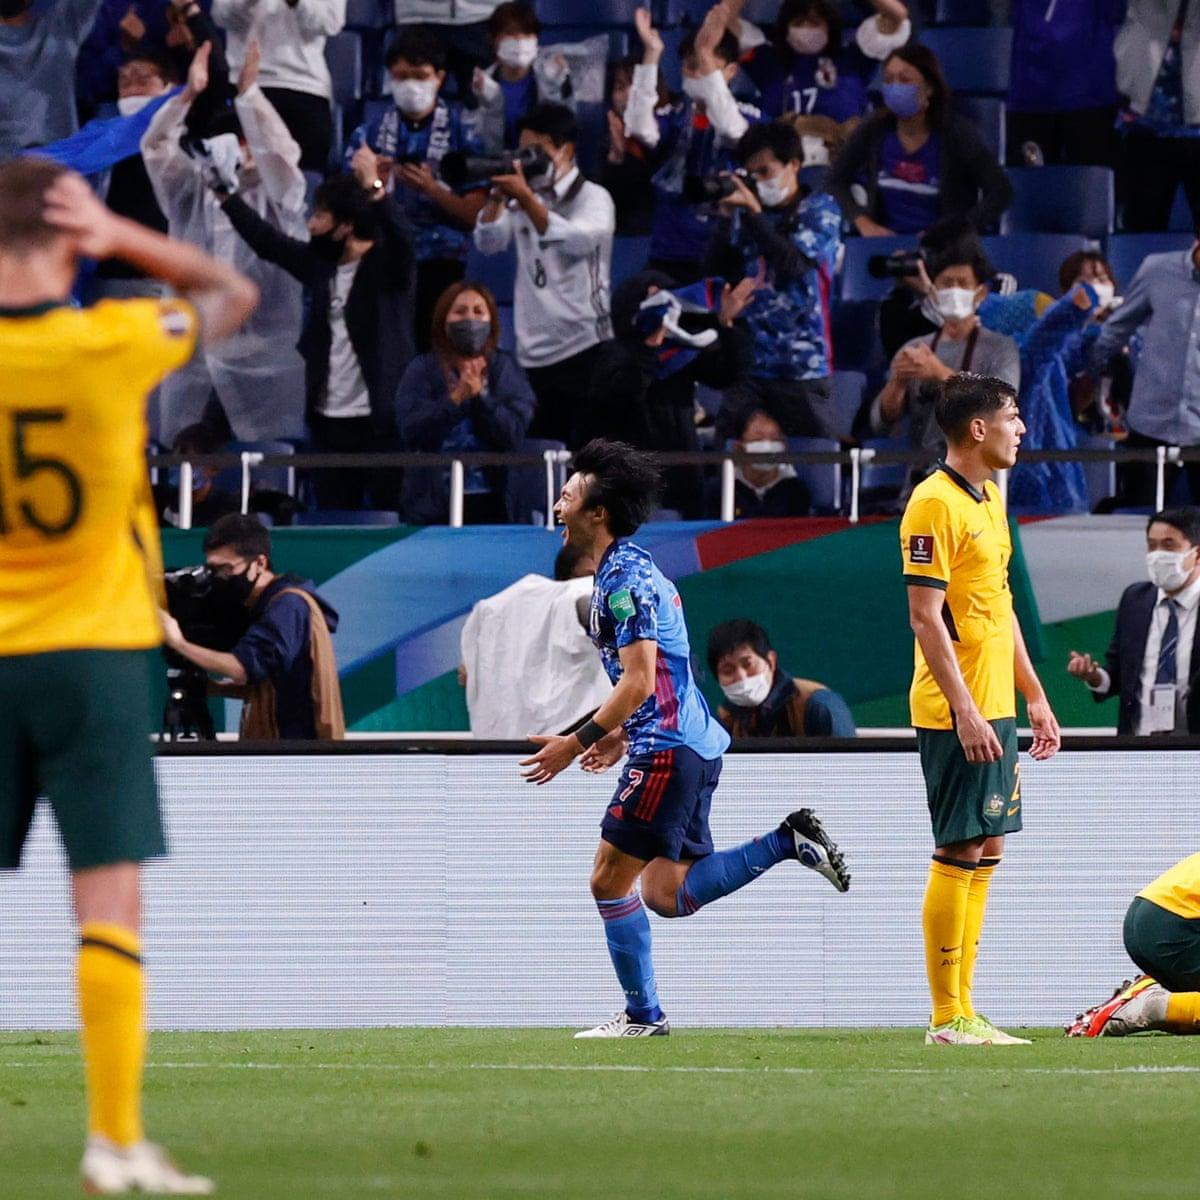 Vòng loại World Cup 2022: Nhật Bản giành chiến thắng quan trọng trước Australia -0